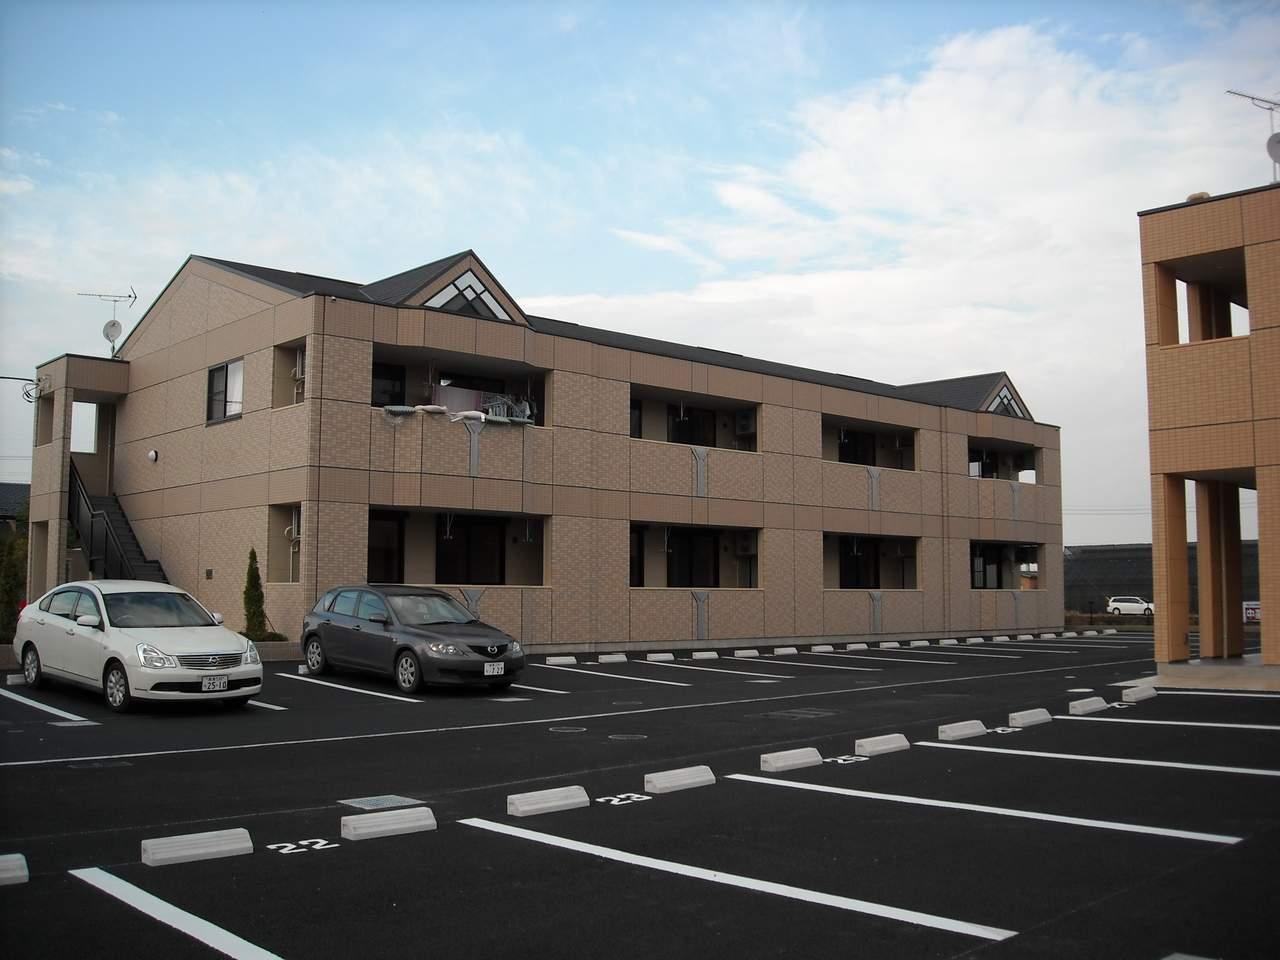 群馬県伊勢崎市、国定駅徒歩30分の築6年 2階建の賃貸アパート